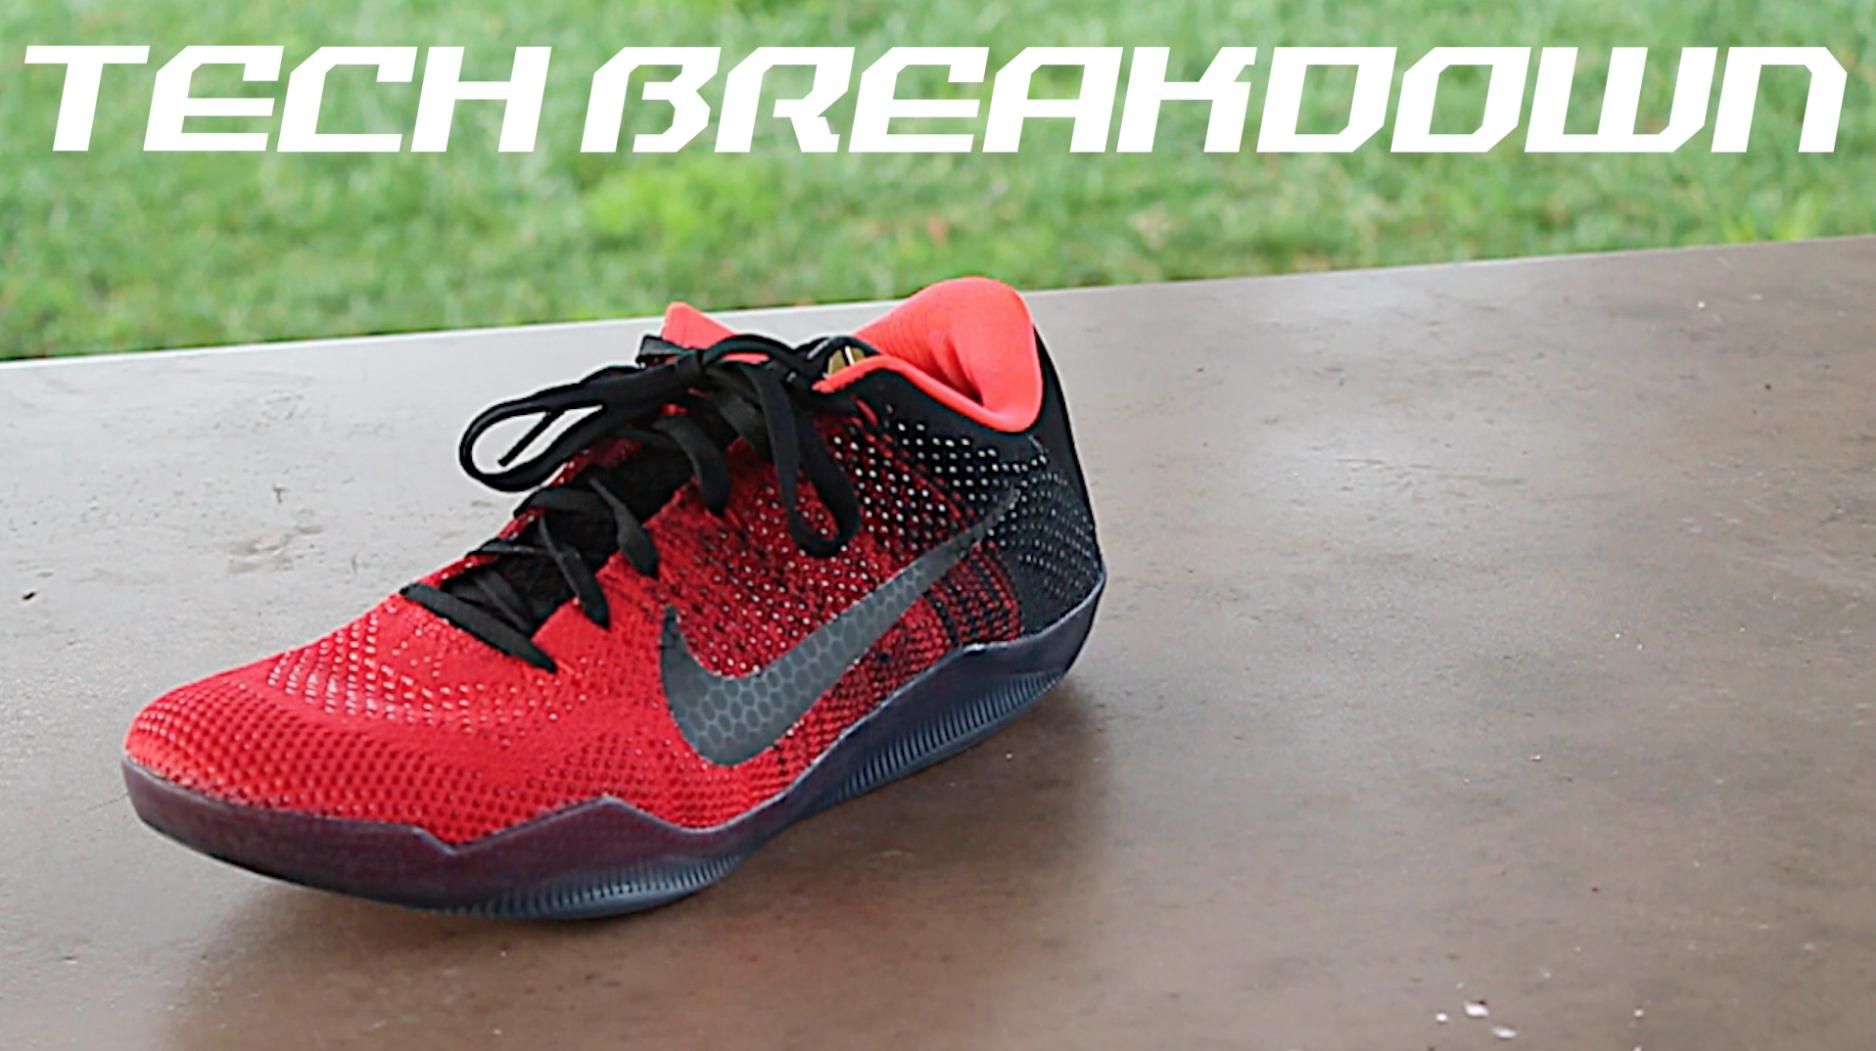 Nike Kobe XI (11) – Tech Breakdown